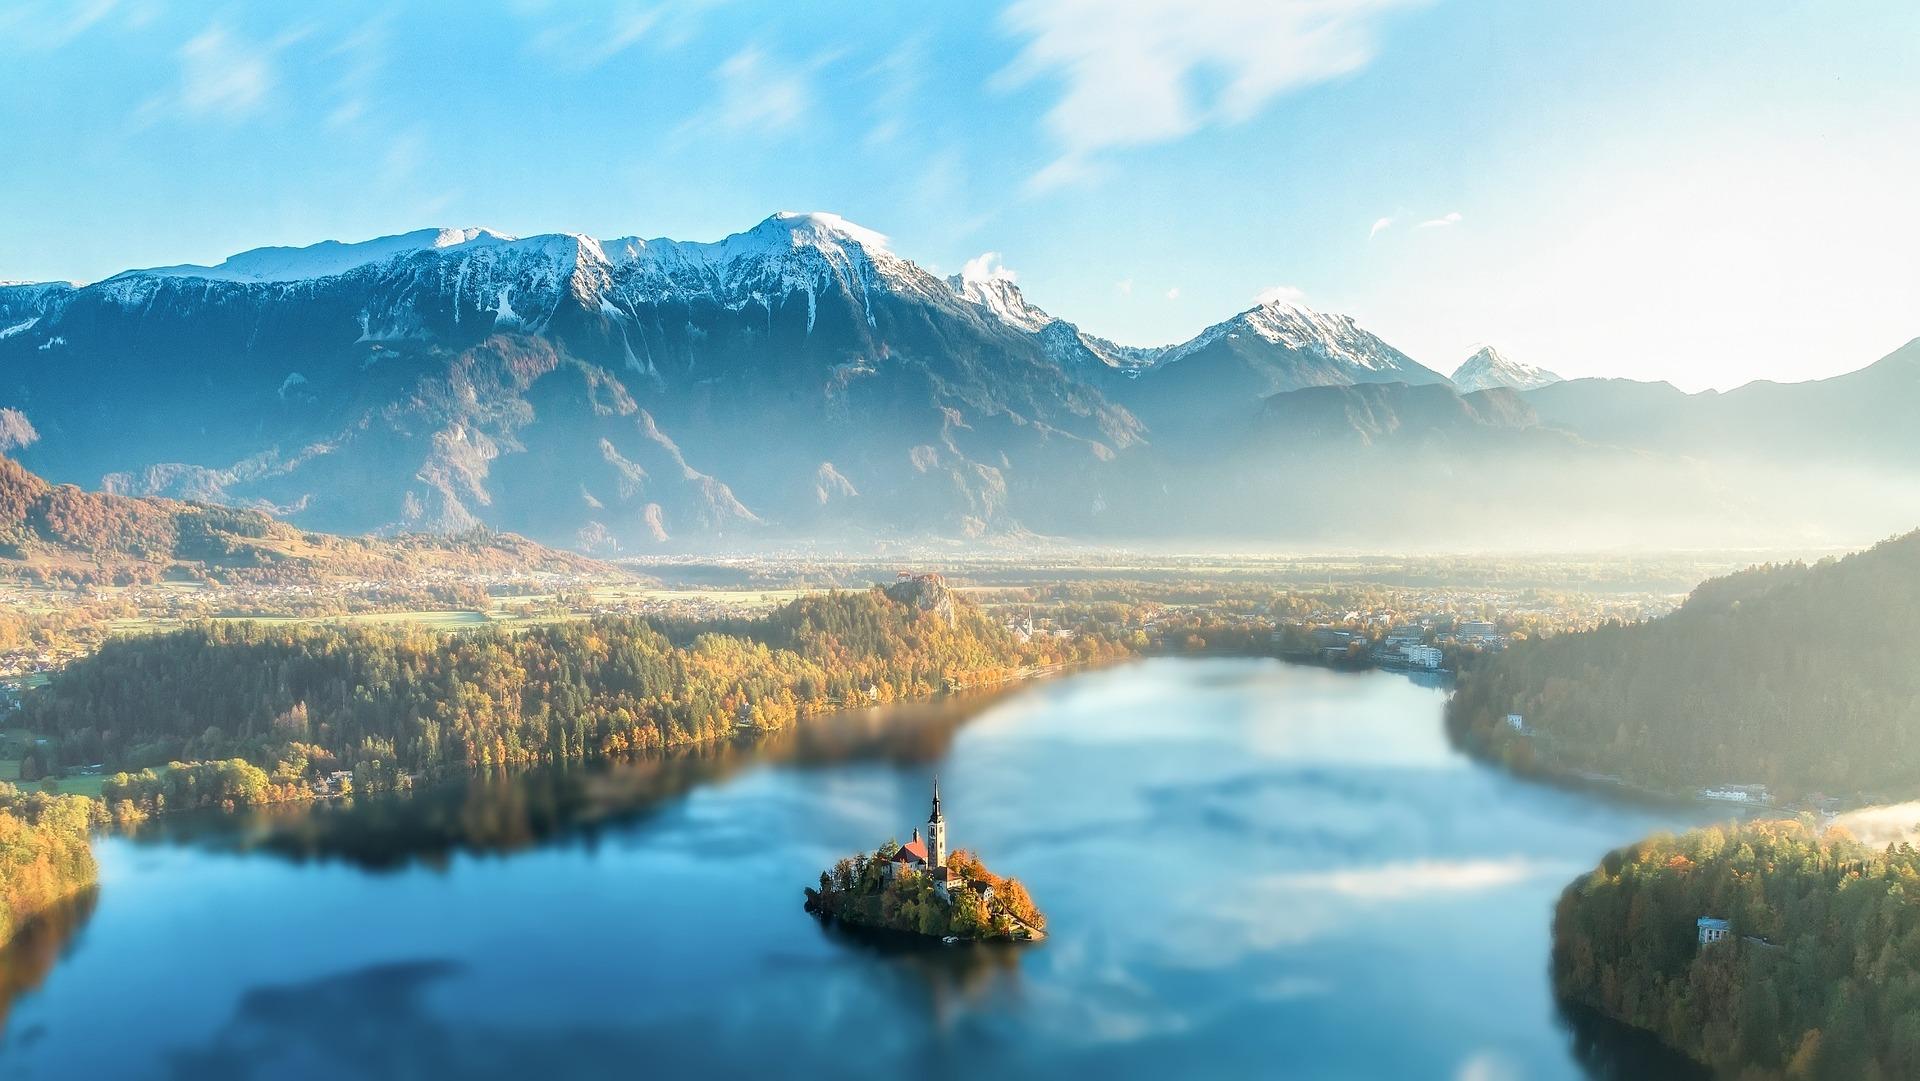 Slovenski divji cvet in čebelji raj – Kam na izlet?